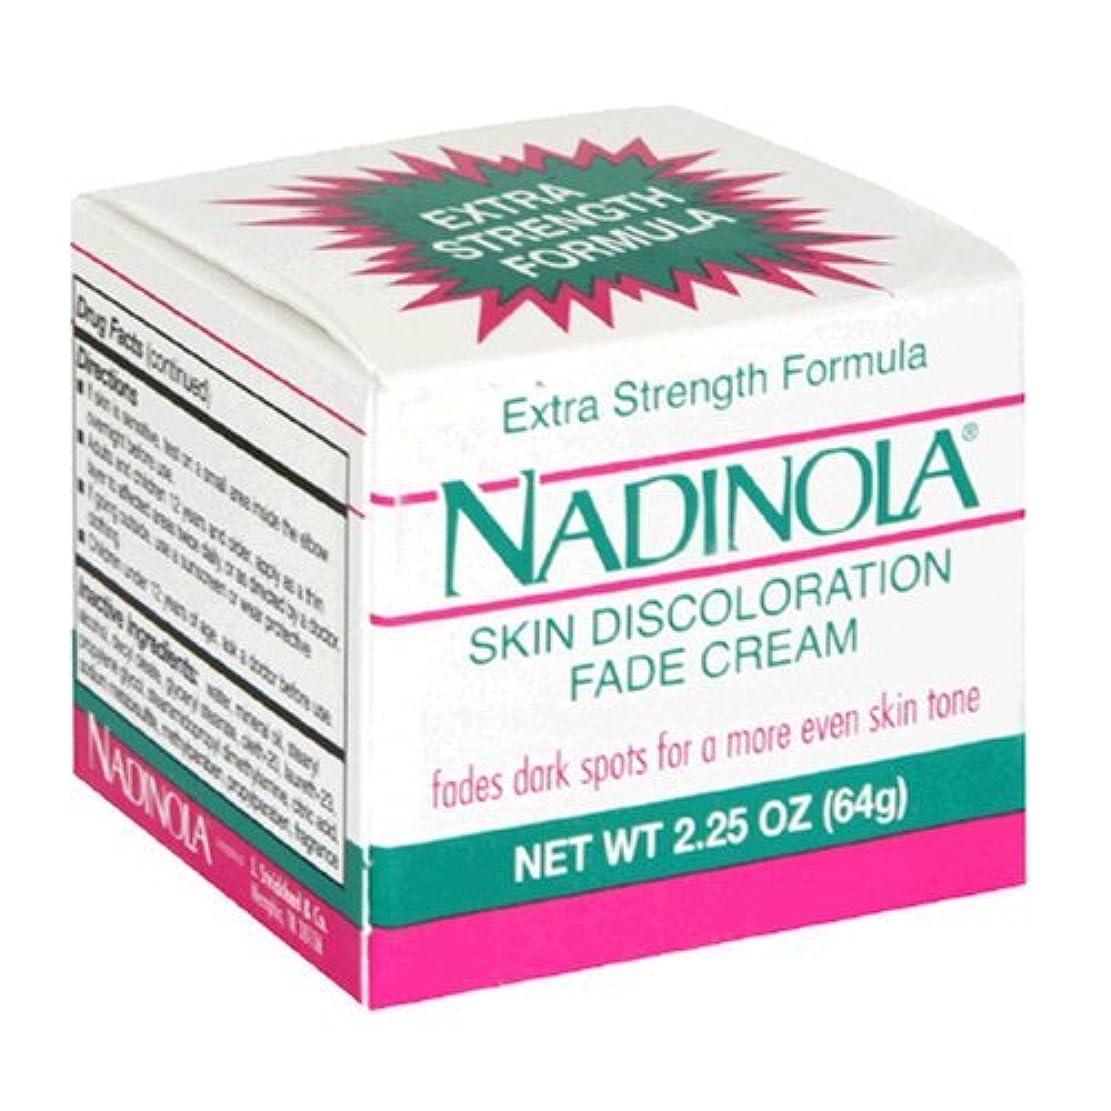 ミネラルパキスタン人どちらかNadinola Discoloration Fade Cream 2.25oz Extra Strength (並行輸入品)